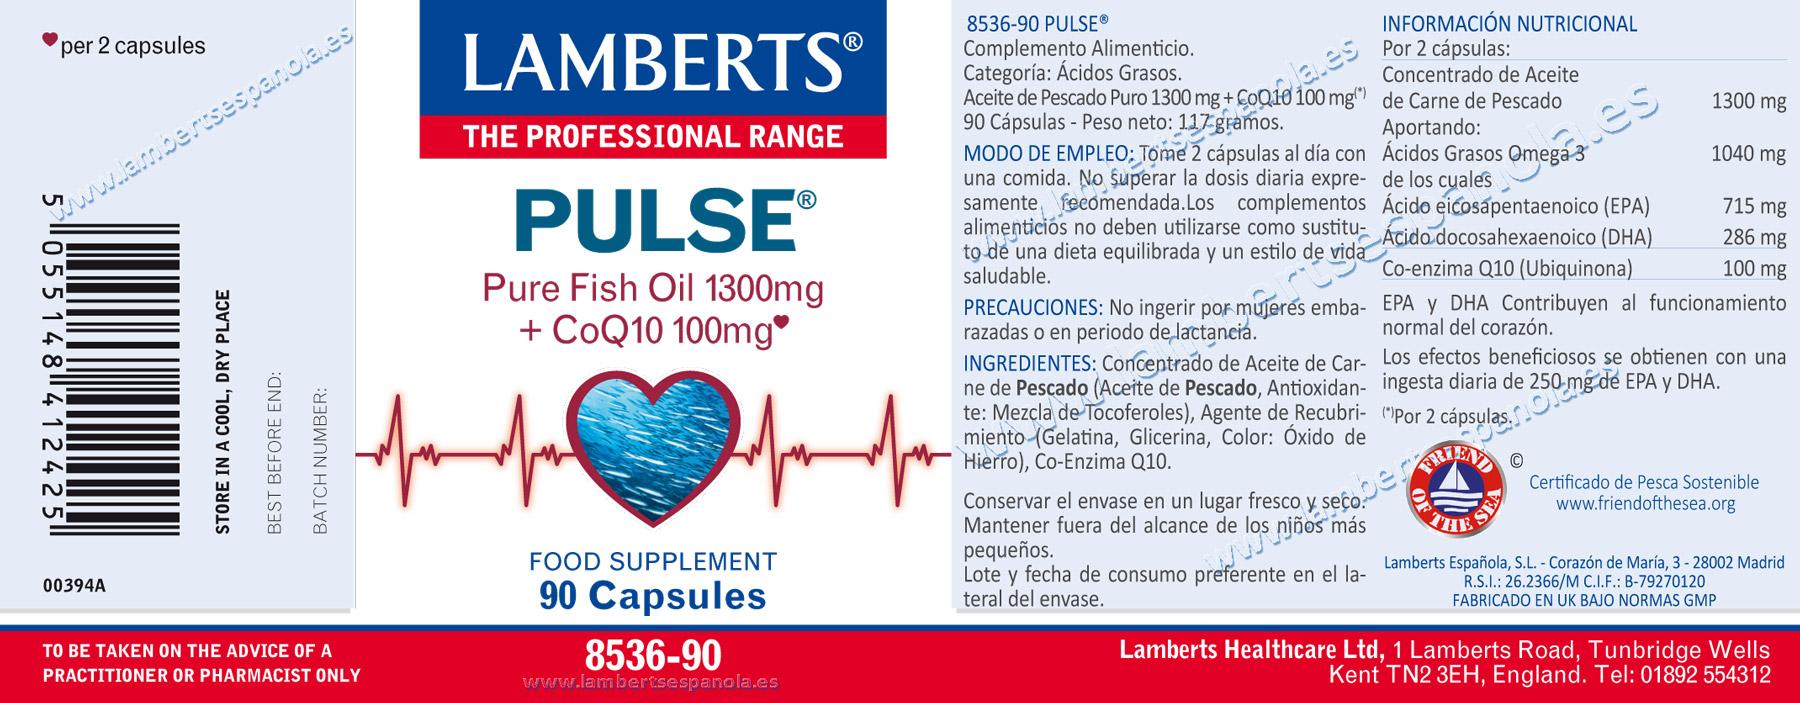 Pulse de Lamberts